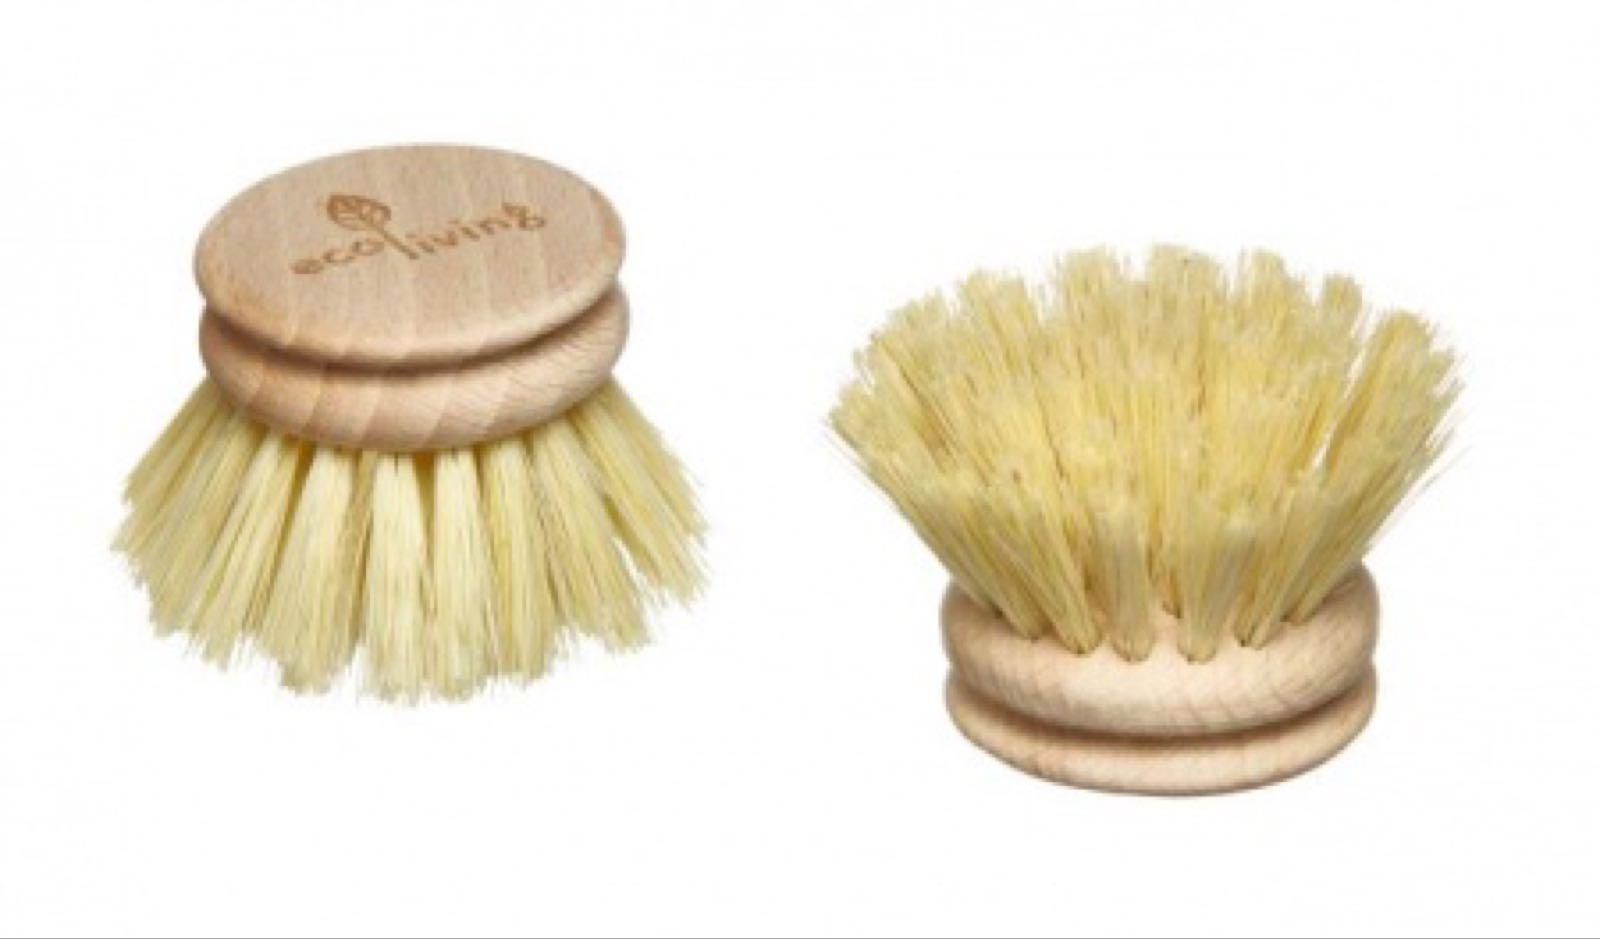 Dishbrush Heads